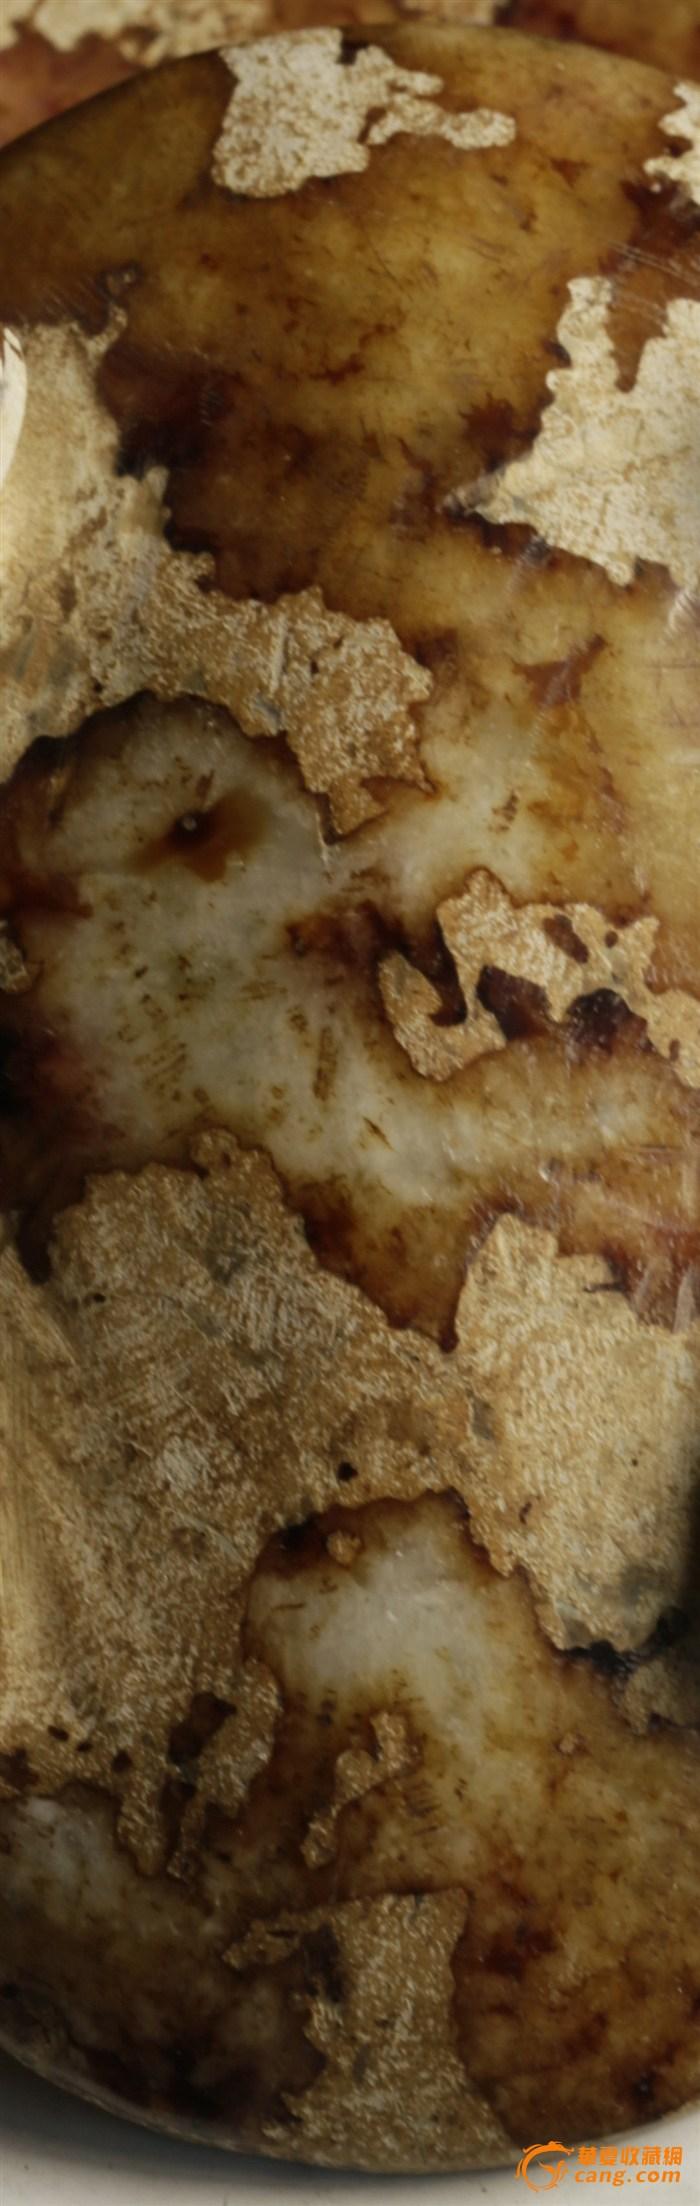 旺财风水用品 和田白玉籽料满沁 盖盒玉蟾,战汉*古玉图10